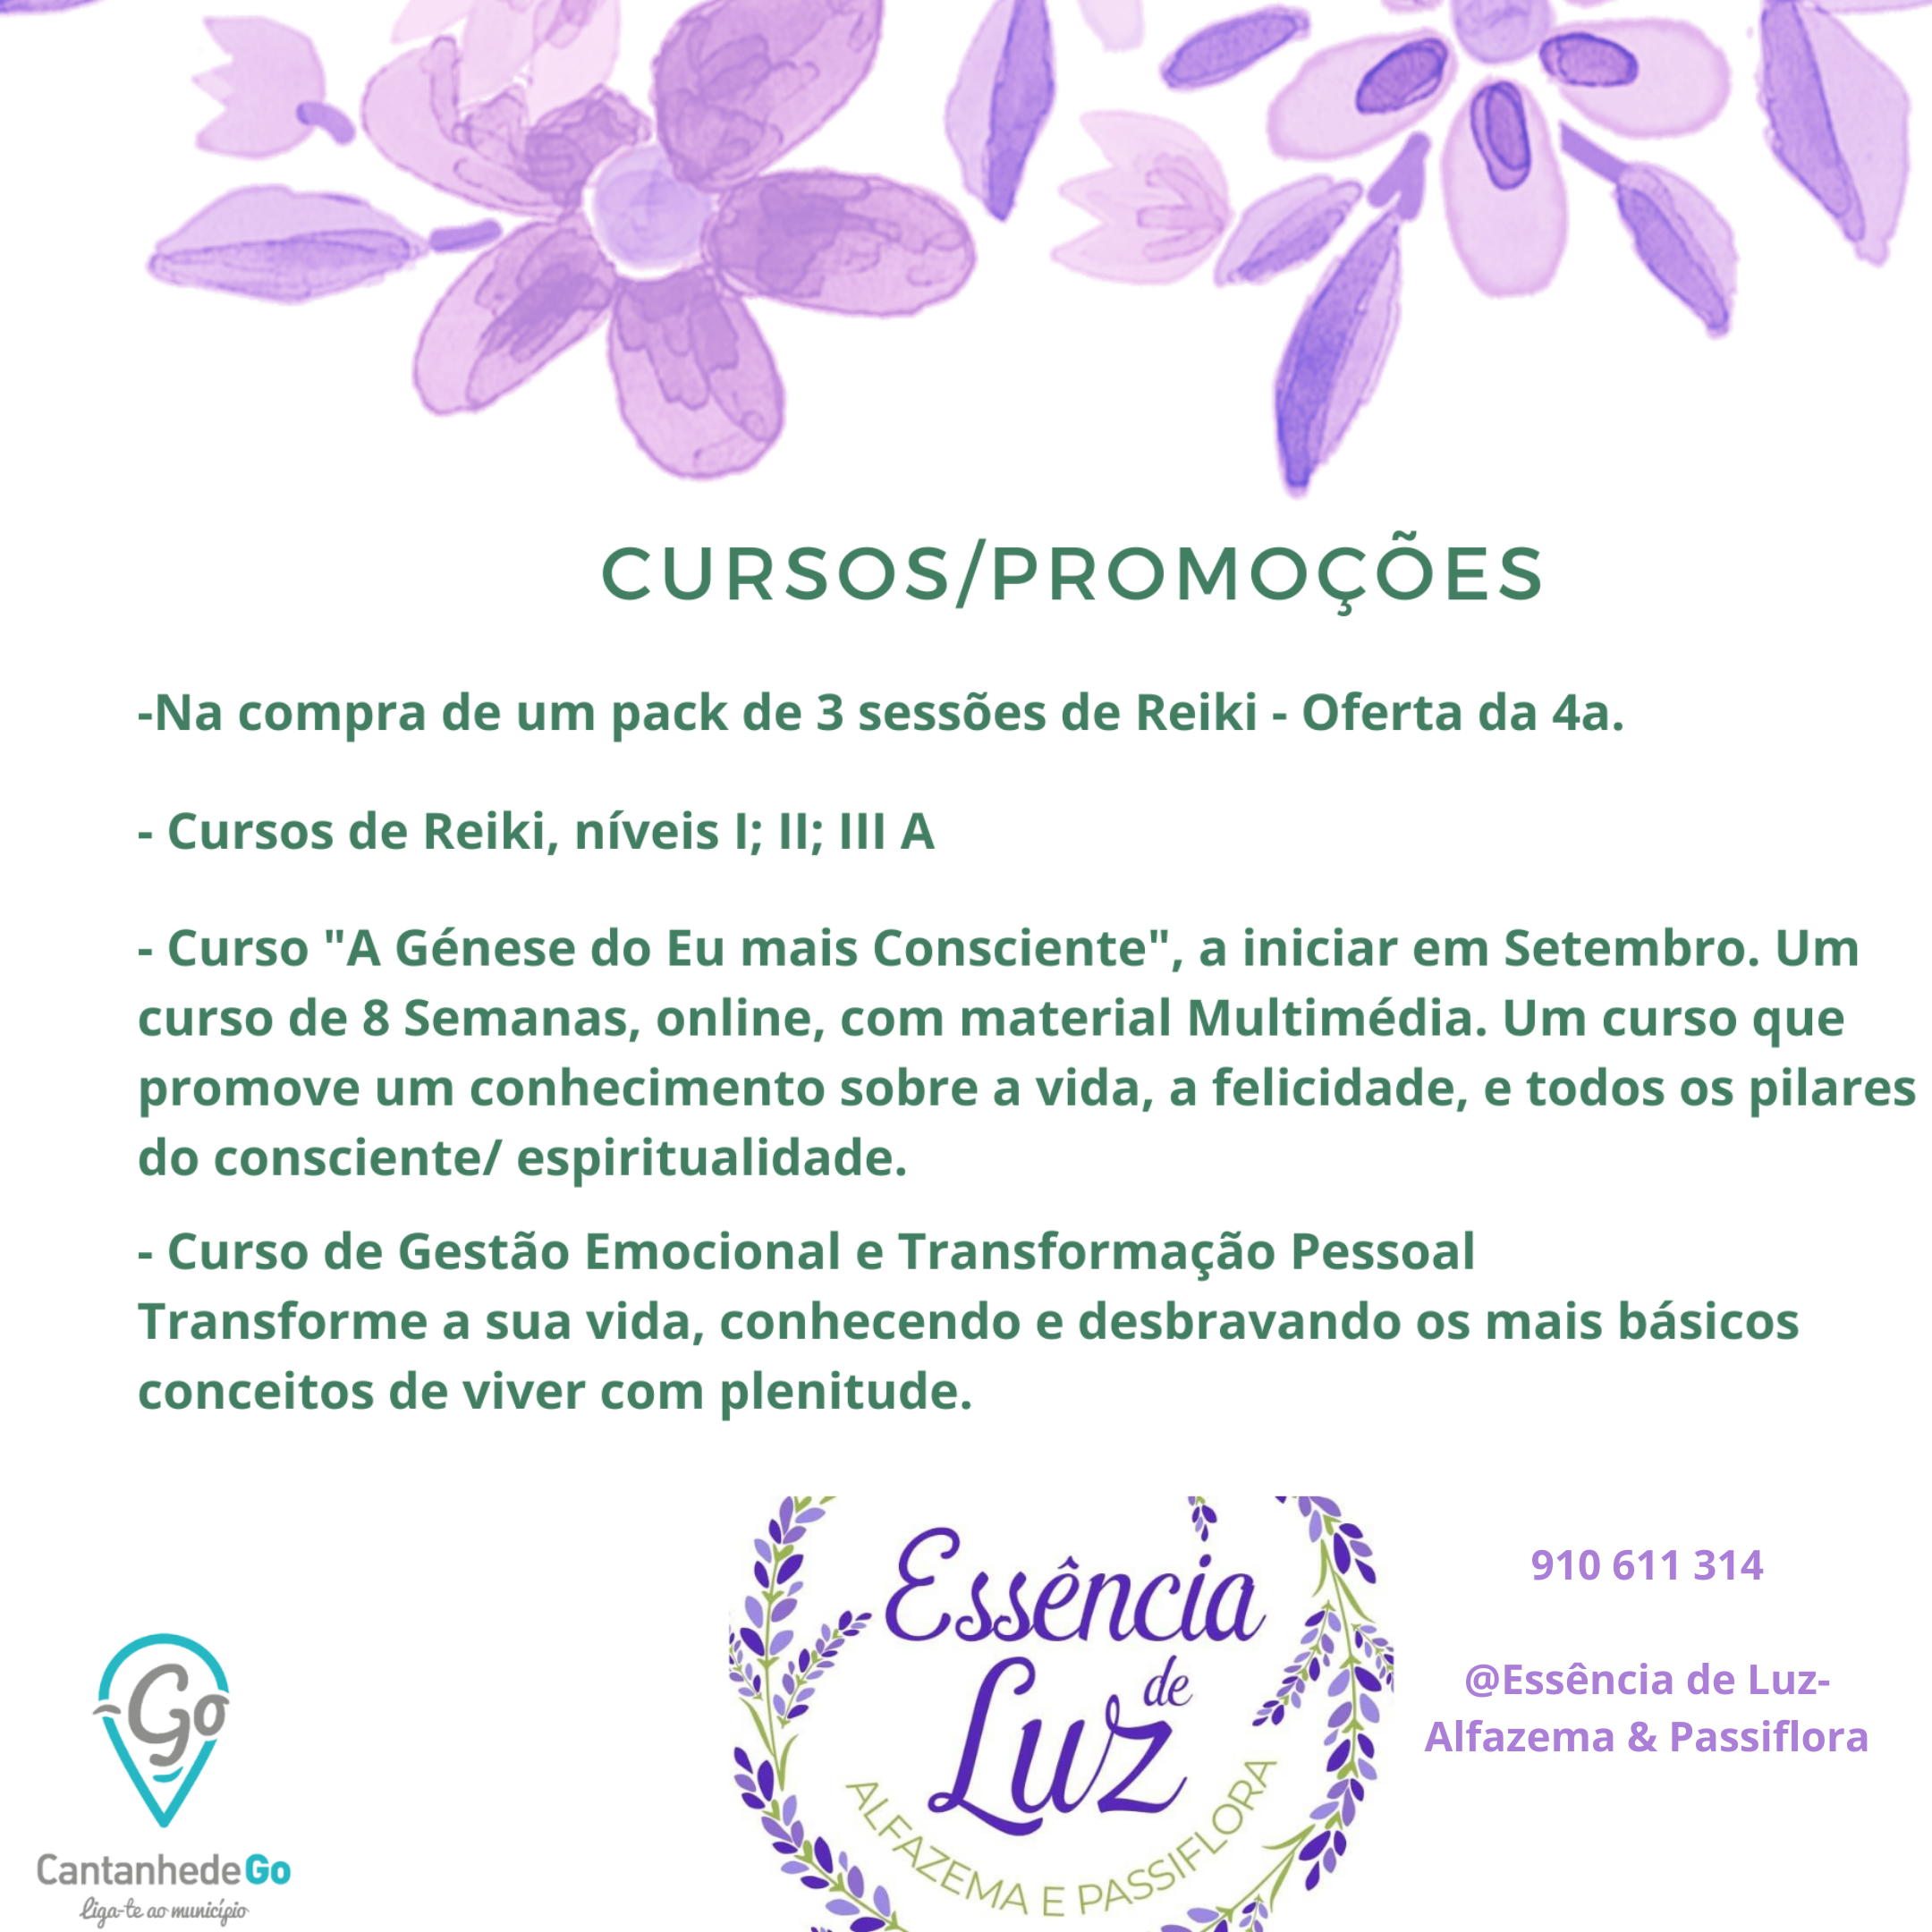 http://media.cantanhedego.pt/2/fotos/8847/10505057812279v.png